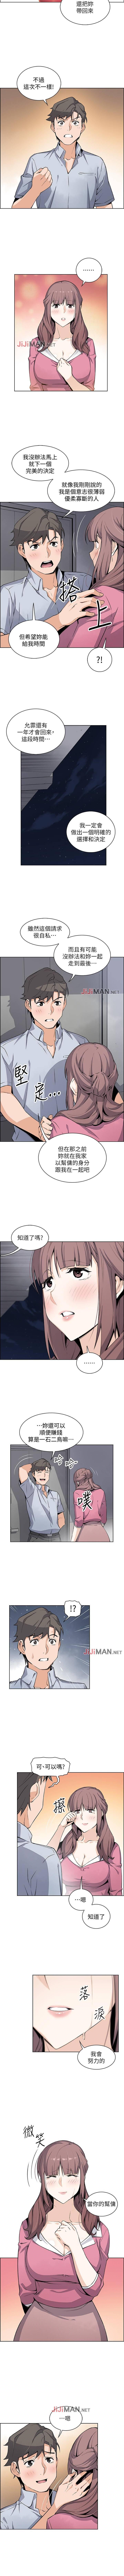 【周四连载】前女友变女佣(作者:PAPER&頸枕) 第1~33话 177